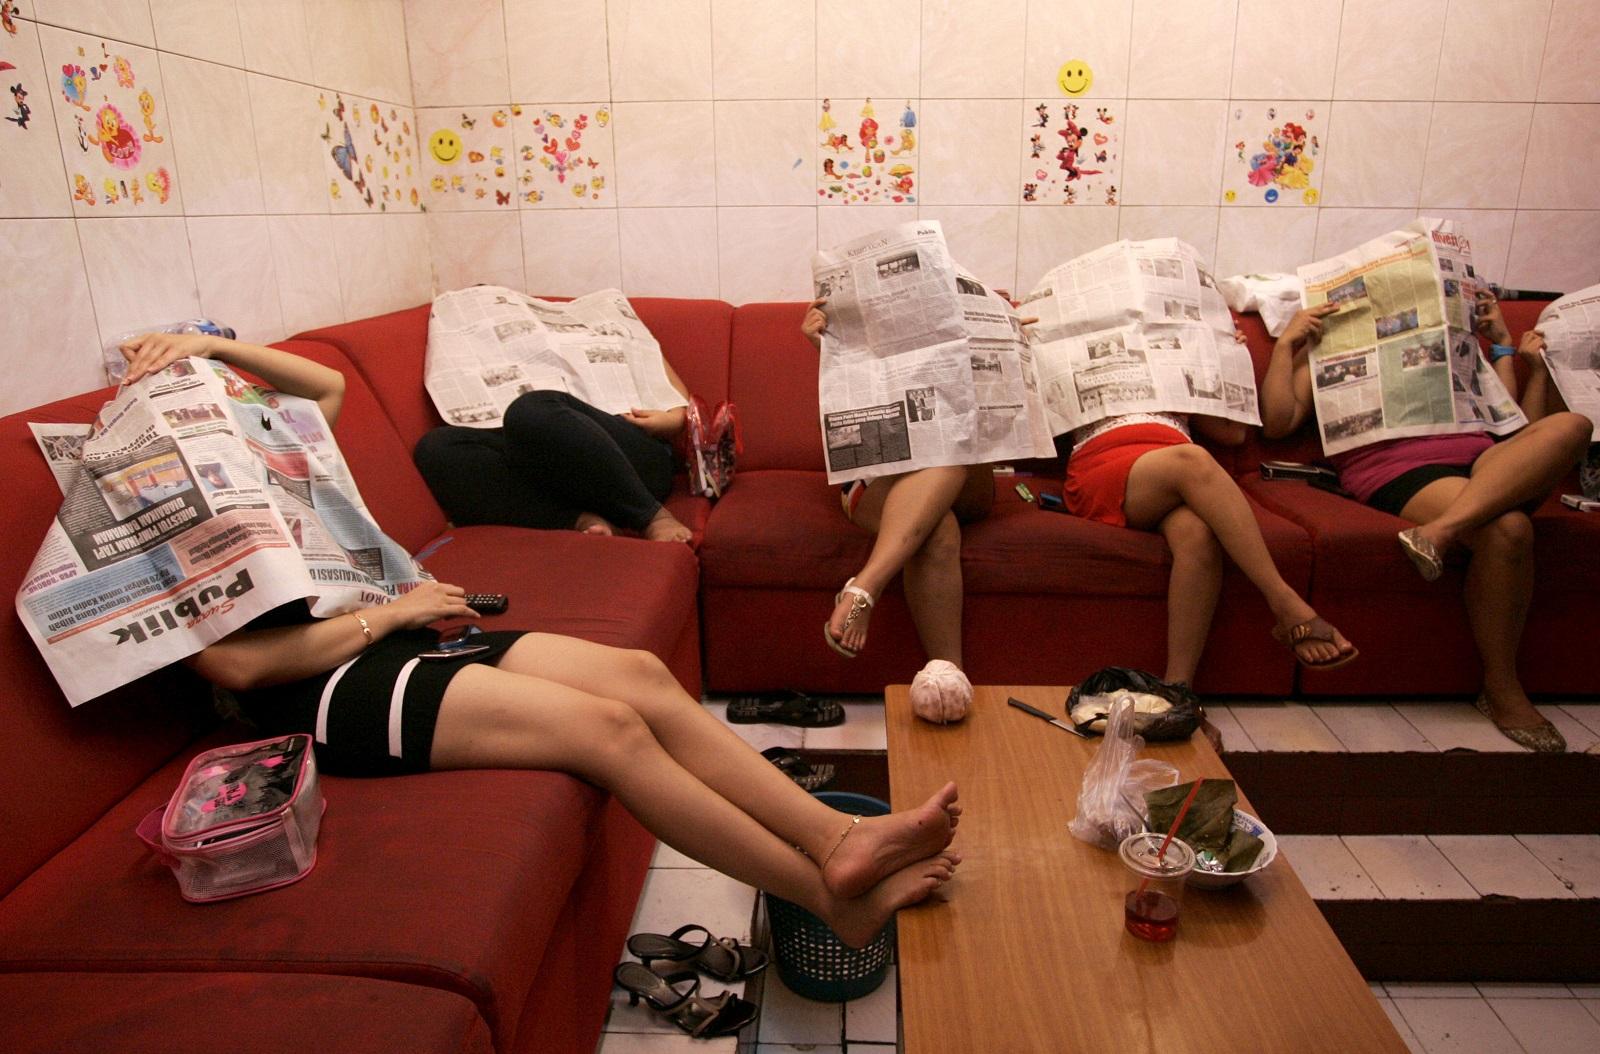 стар млад сколько клиентов в сутки девушки обслуживают в сексуальном рабстве зрачки расширяются, двигаю